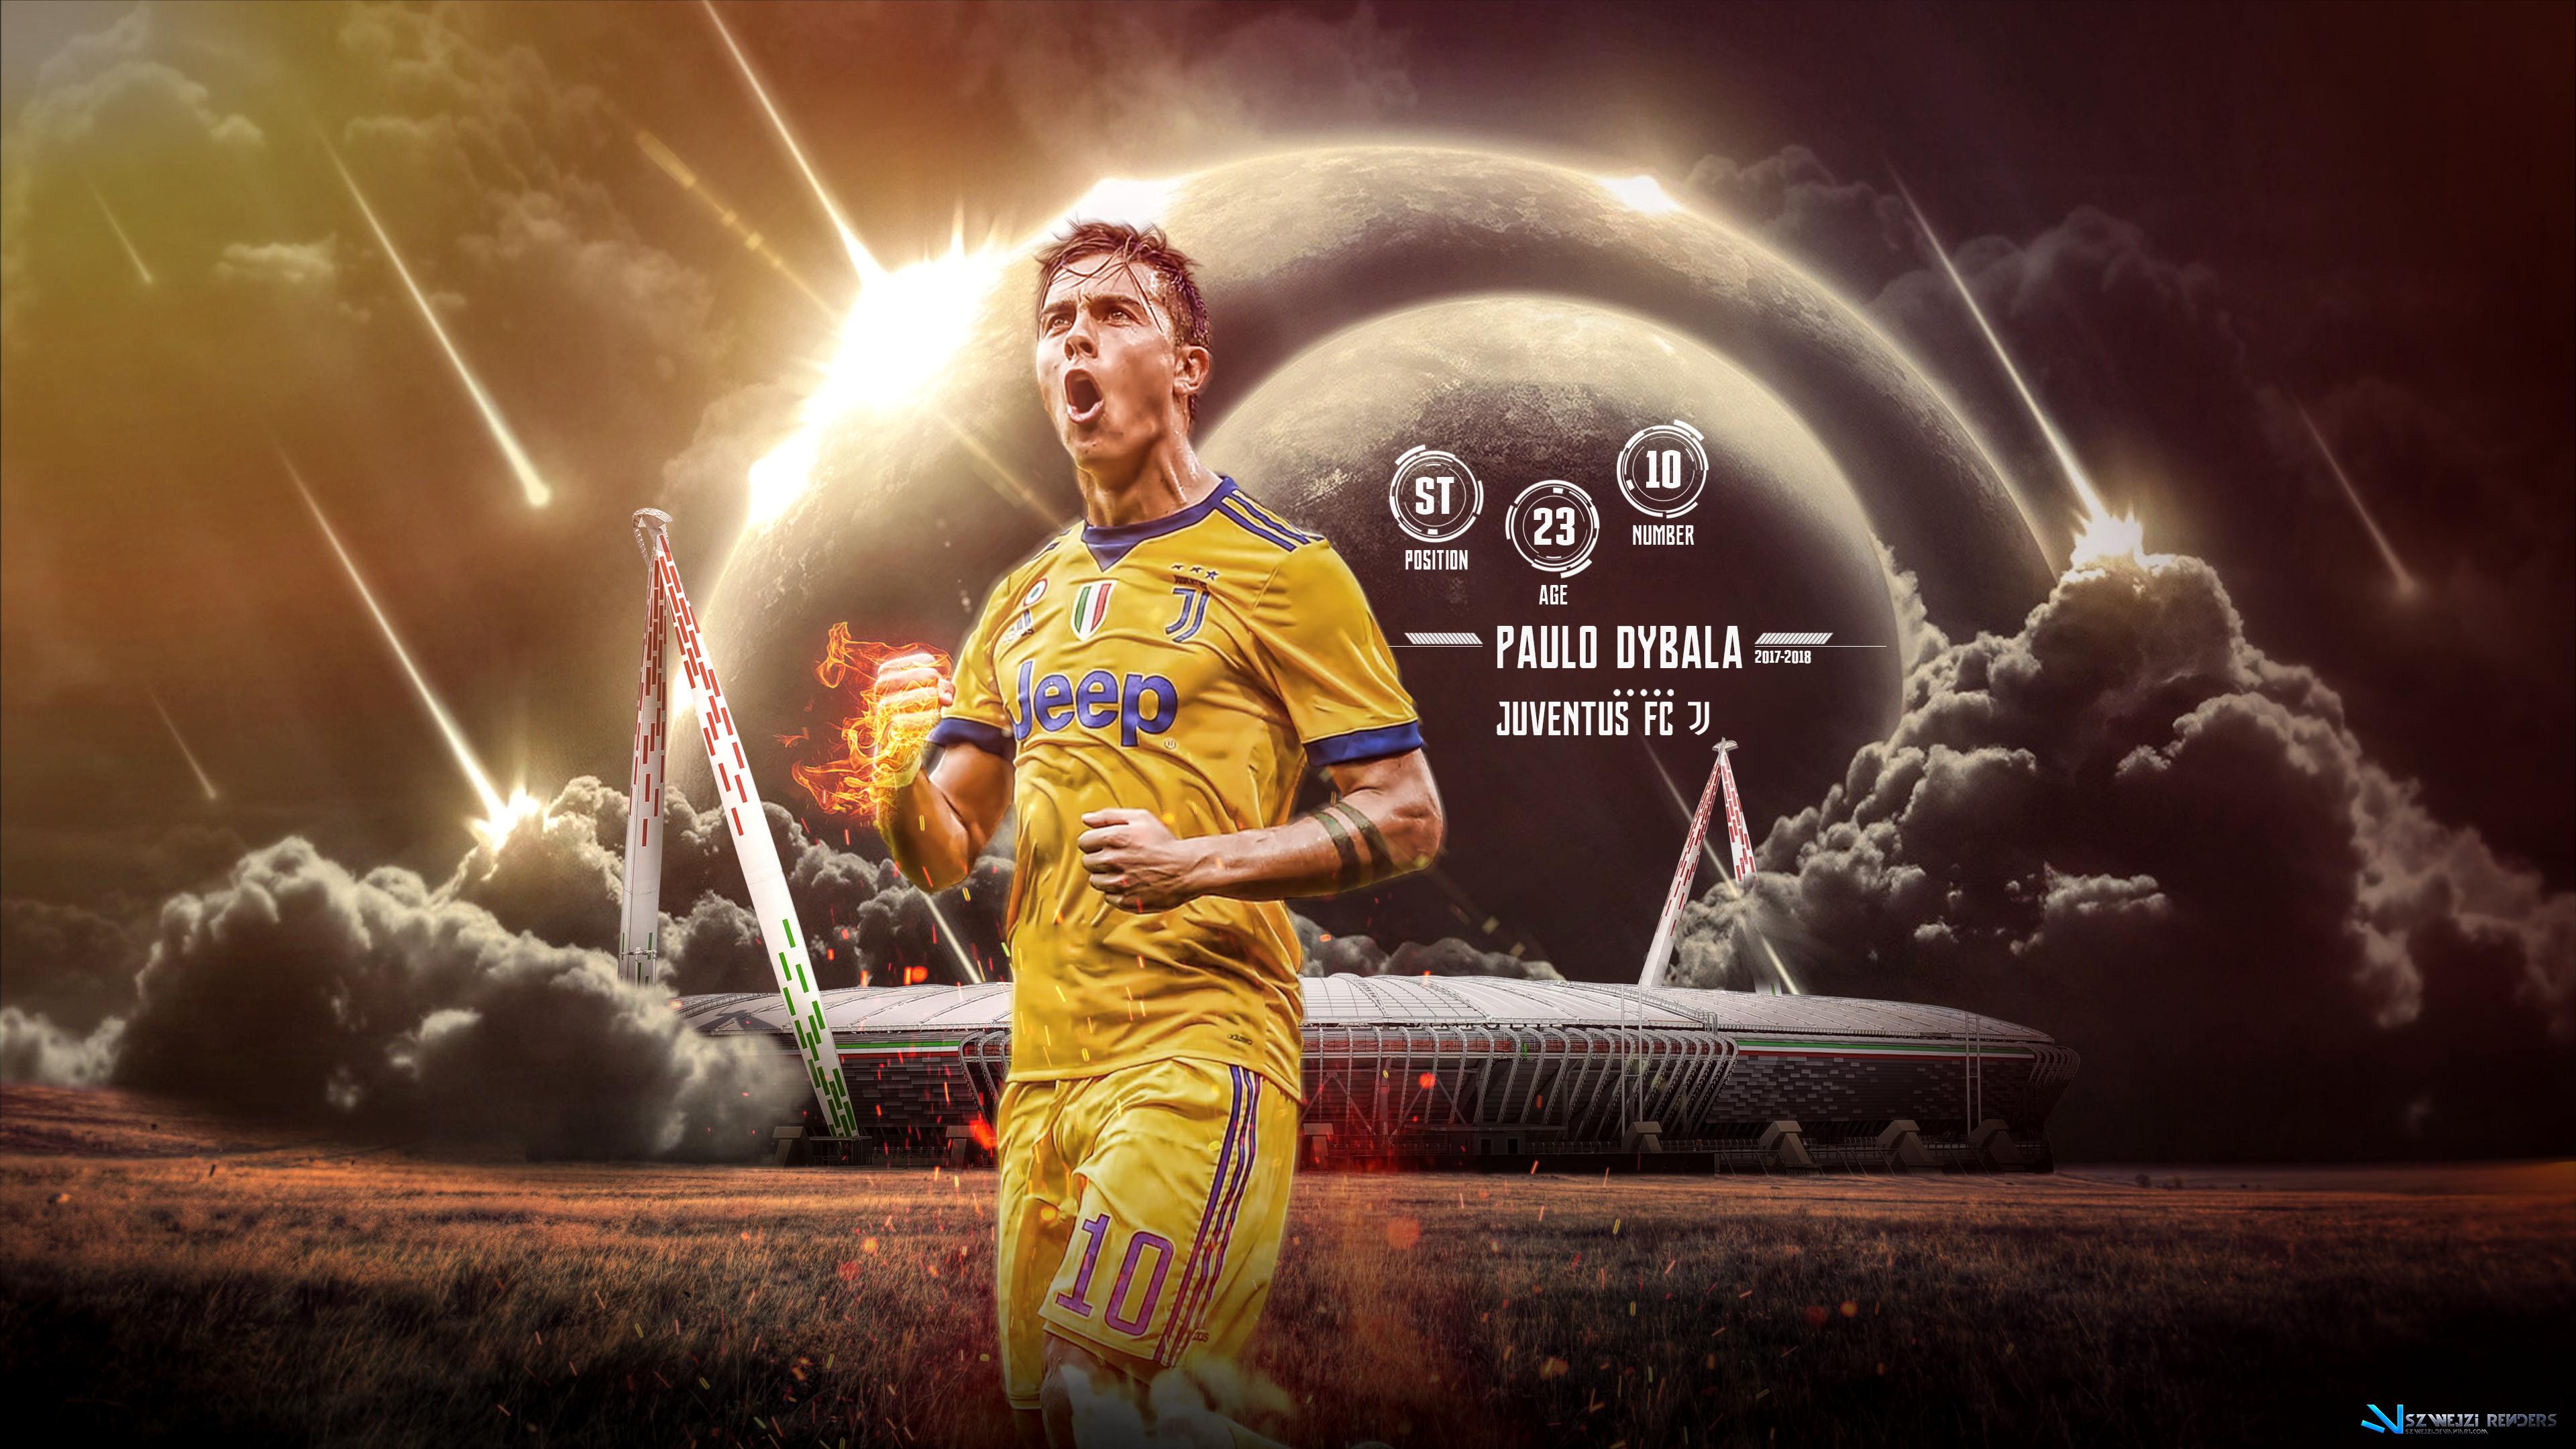 Juventus Wallpaper 2018 (72+ Images